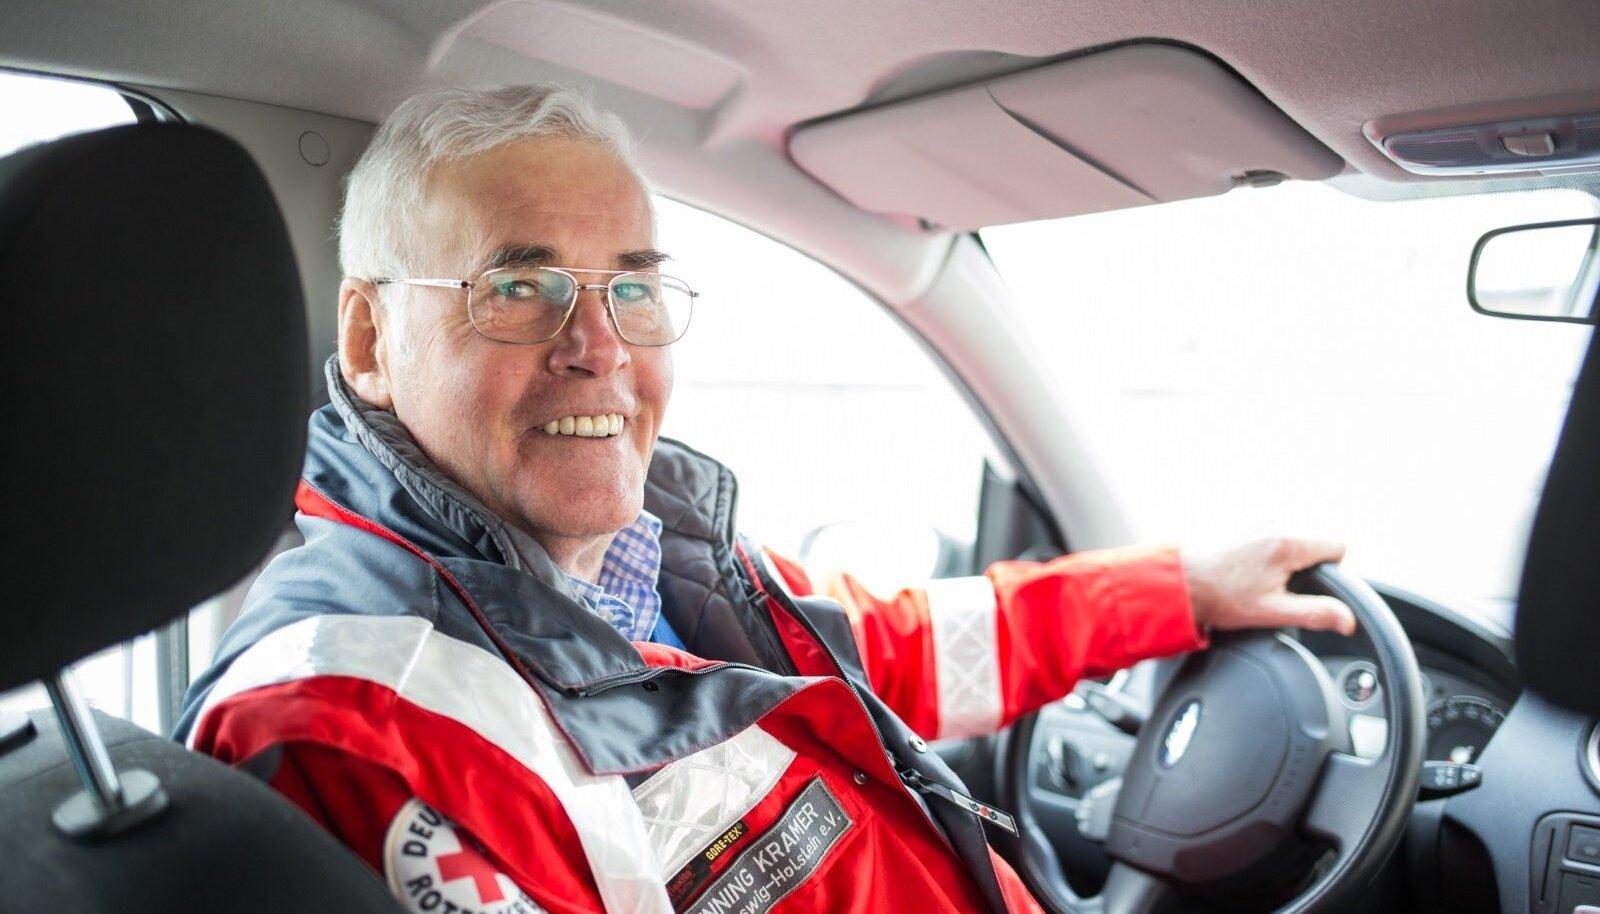 Saksamaa liidumaa Schleswig-Holsteini Punase Risti juht Henning Kramer käib mitu korda aastas Eestis, et siia humanitaarabi vedada. Viimase aasta jooksul on aga tema argipäev Saksamaal olnud seotud pagulaskeskustega.